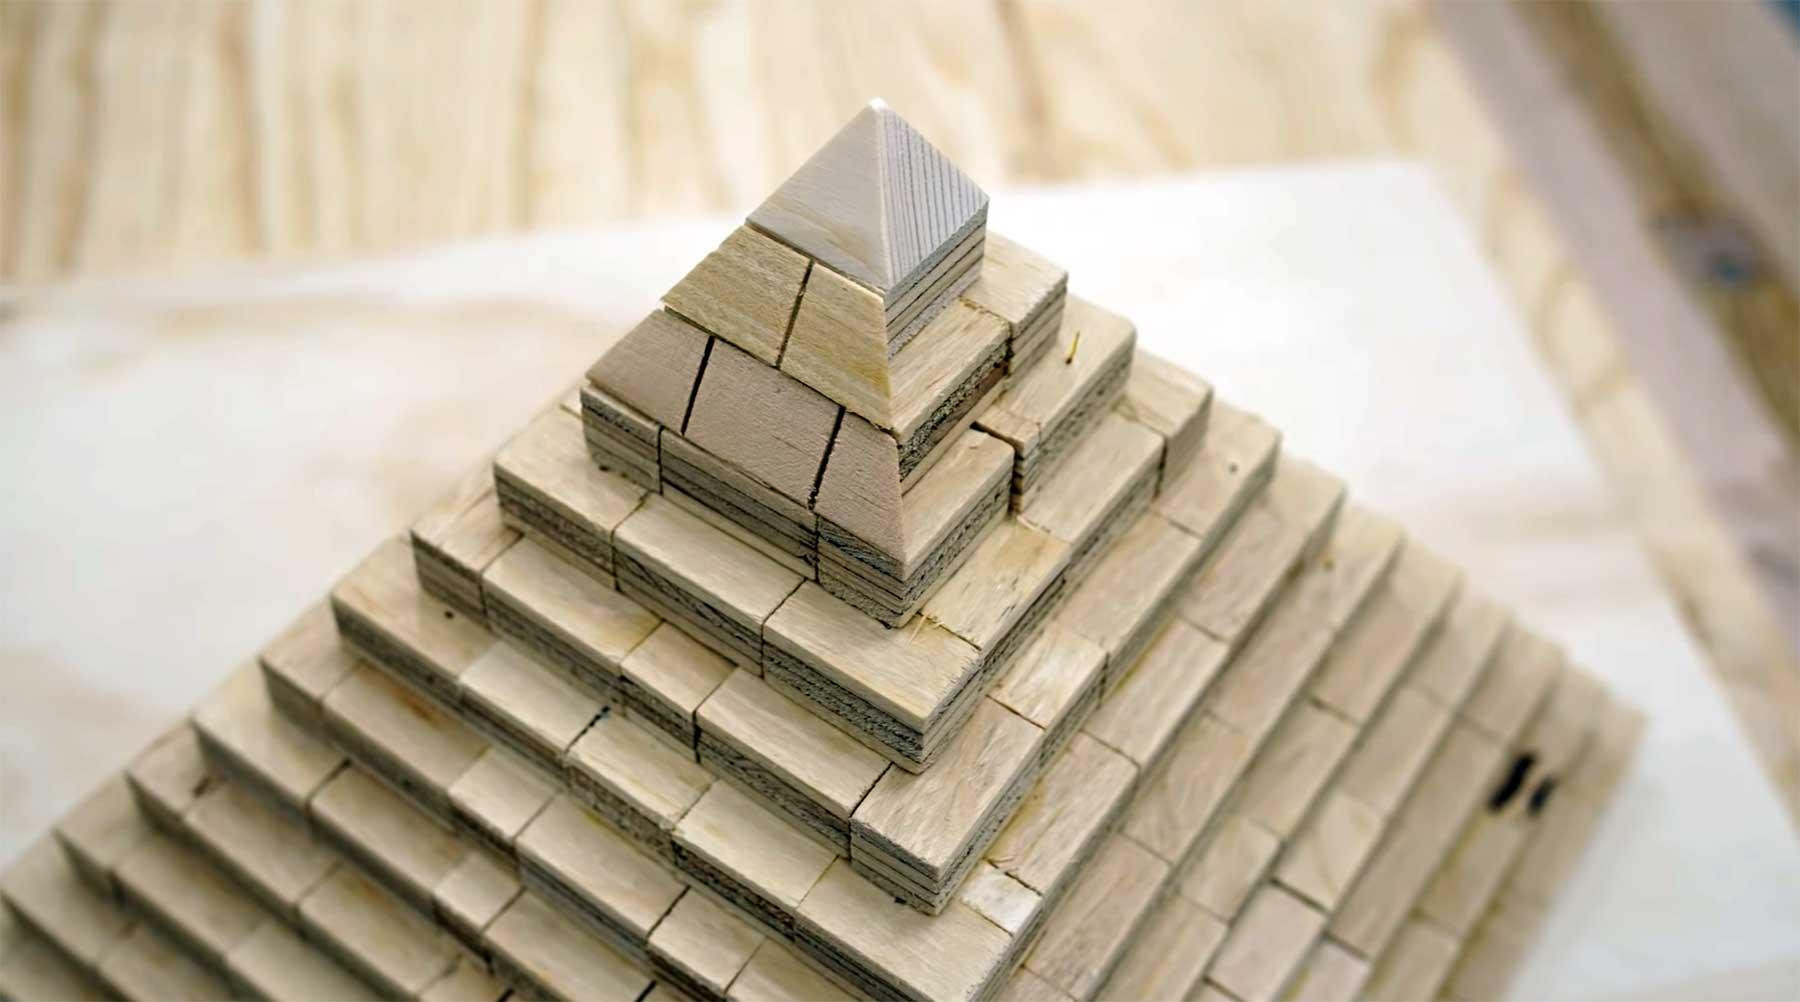 Wie die großen Pyramiden vermutlich gebaut wurden